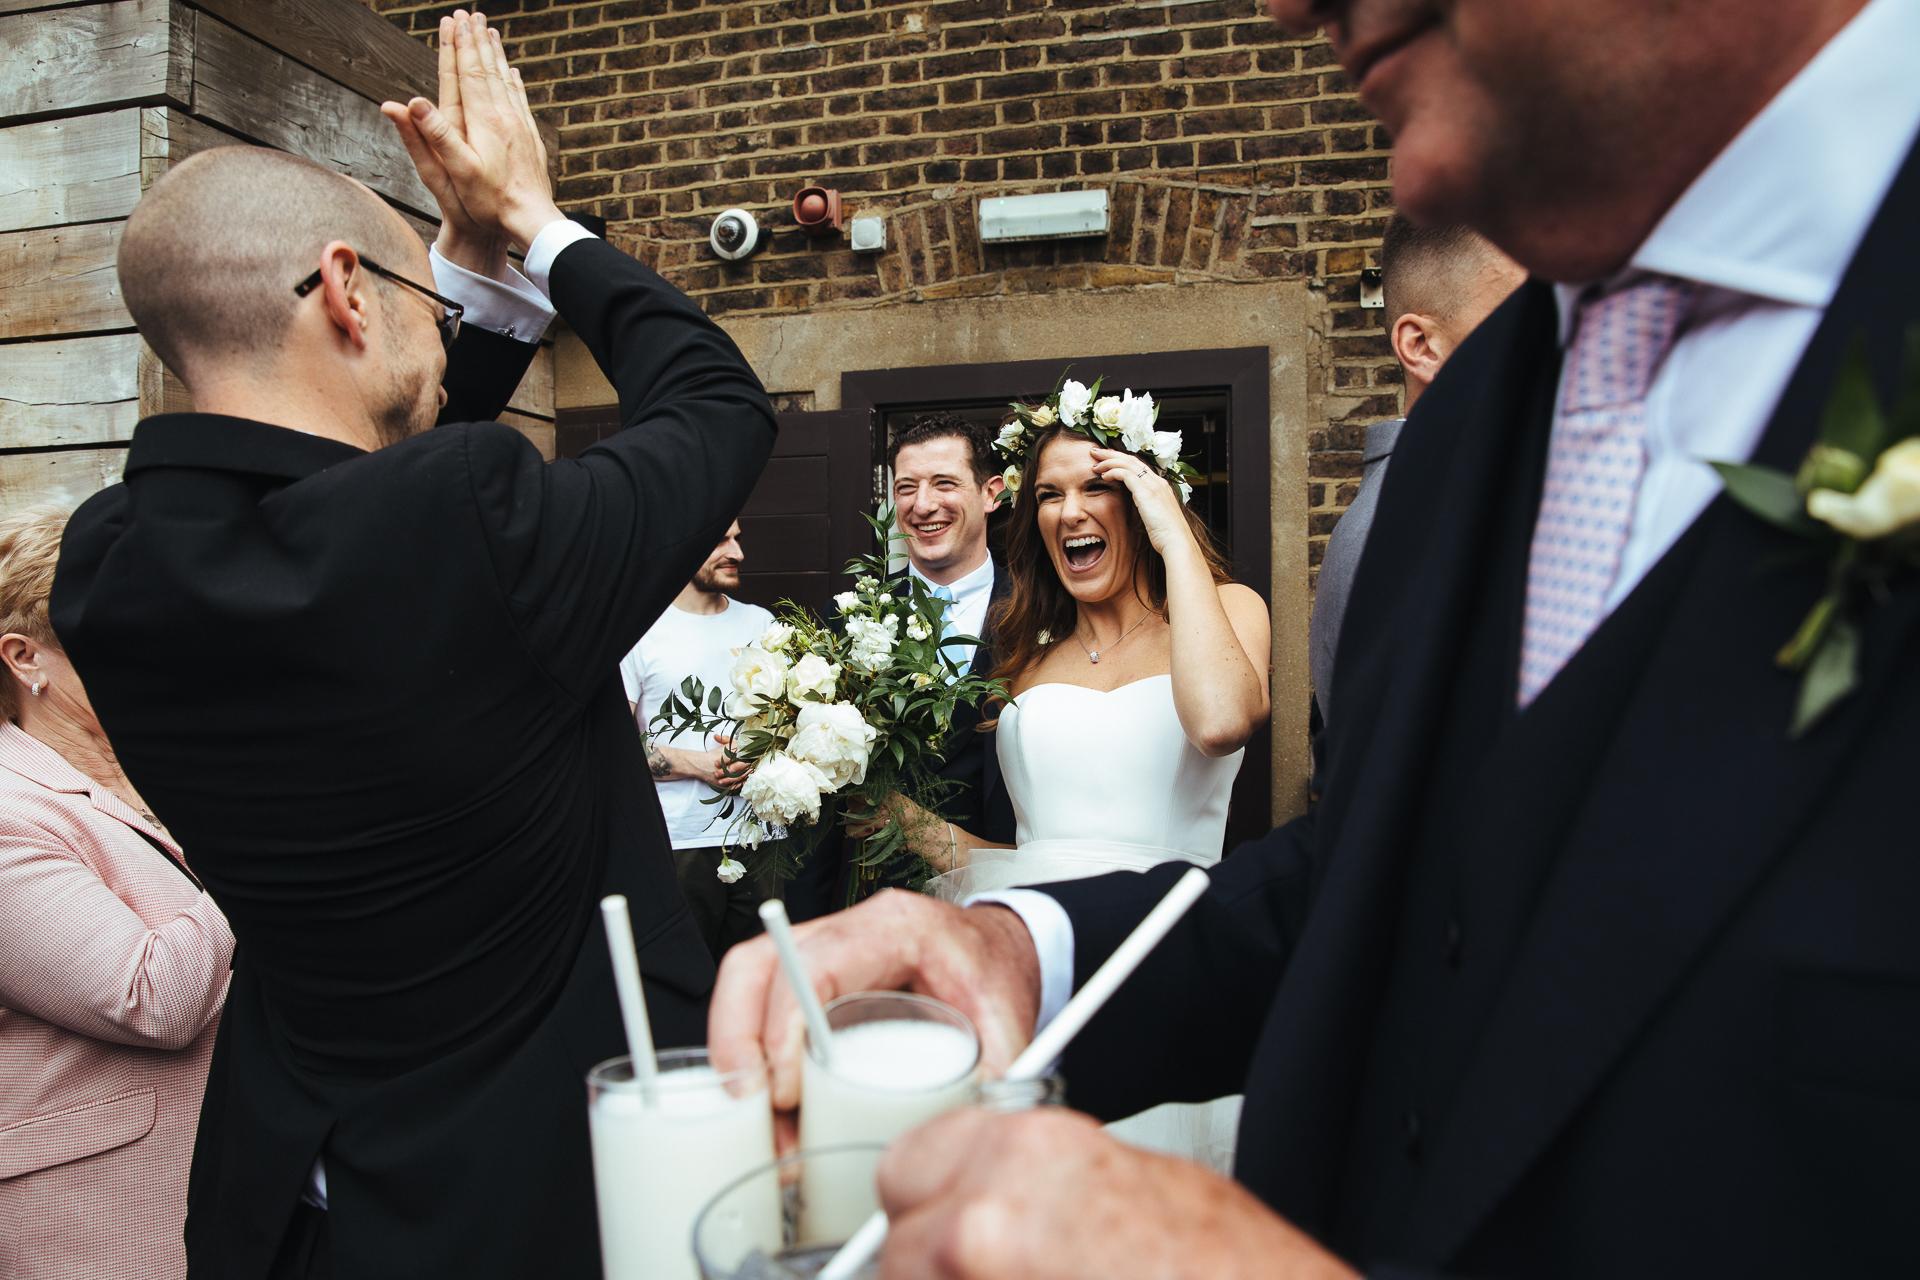 婚禮圖像 - 在婚禮上創建具有層次和深度的複雜照片。